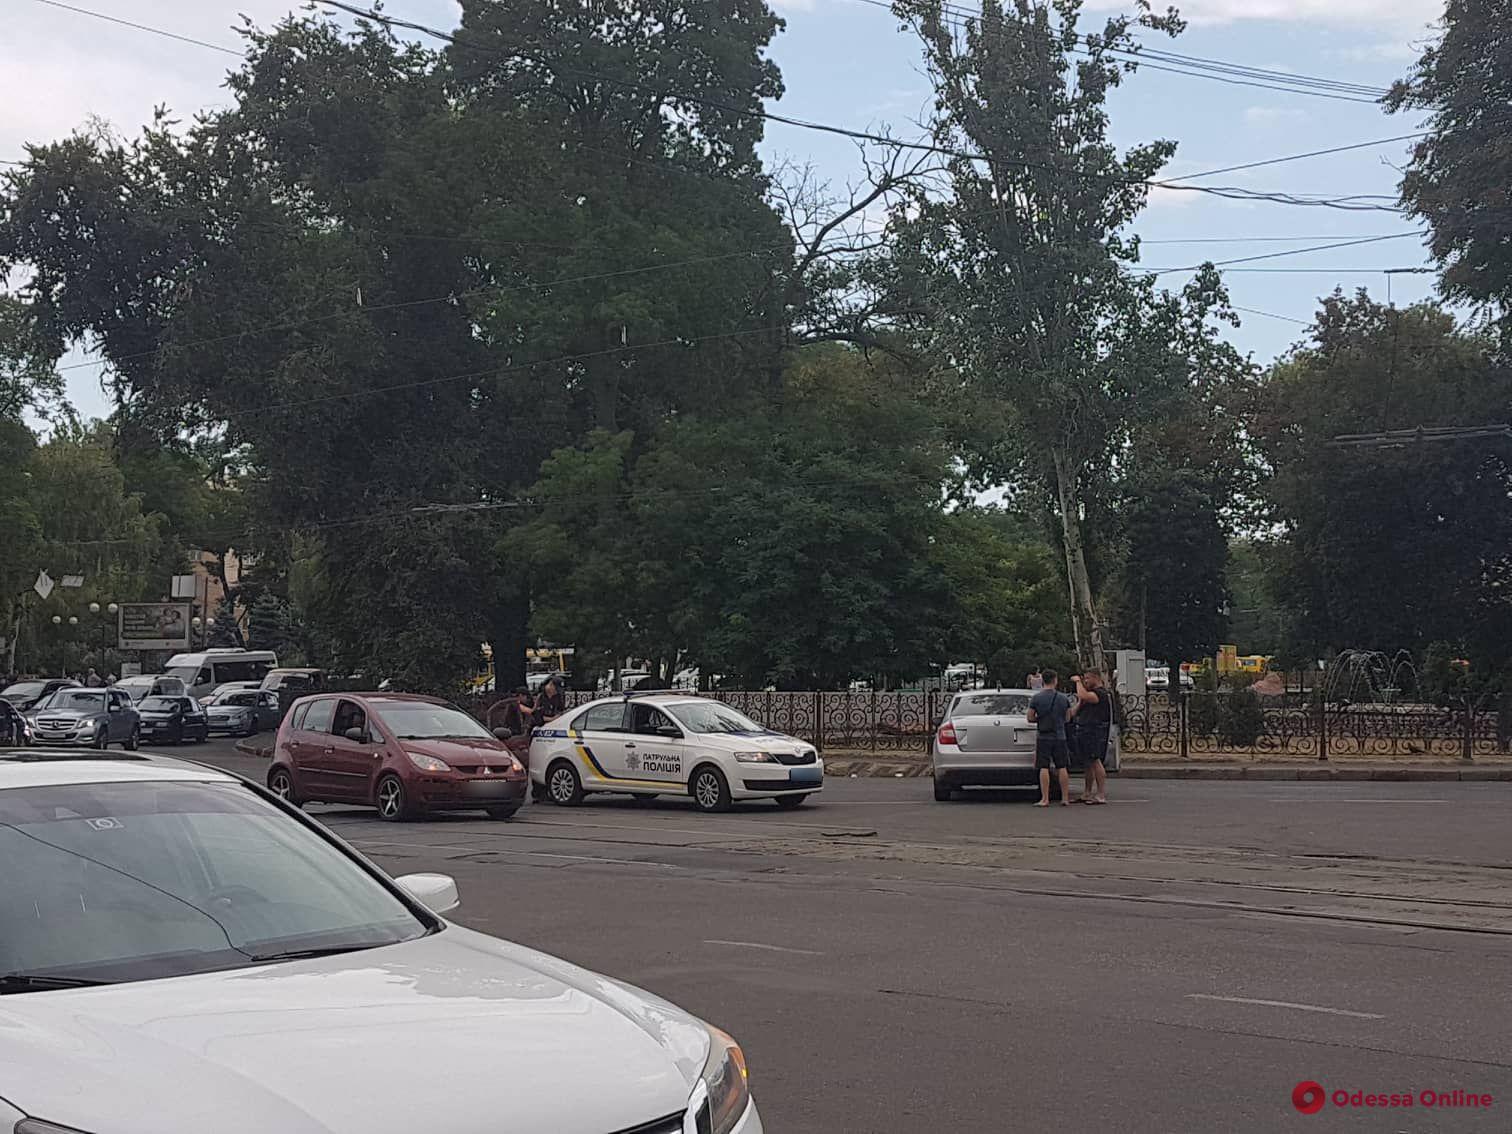 Из-за ДТП на Пантелеймоновской заблокировано движение трамваев